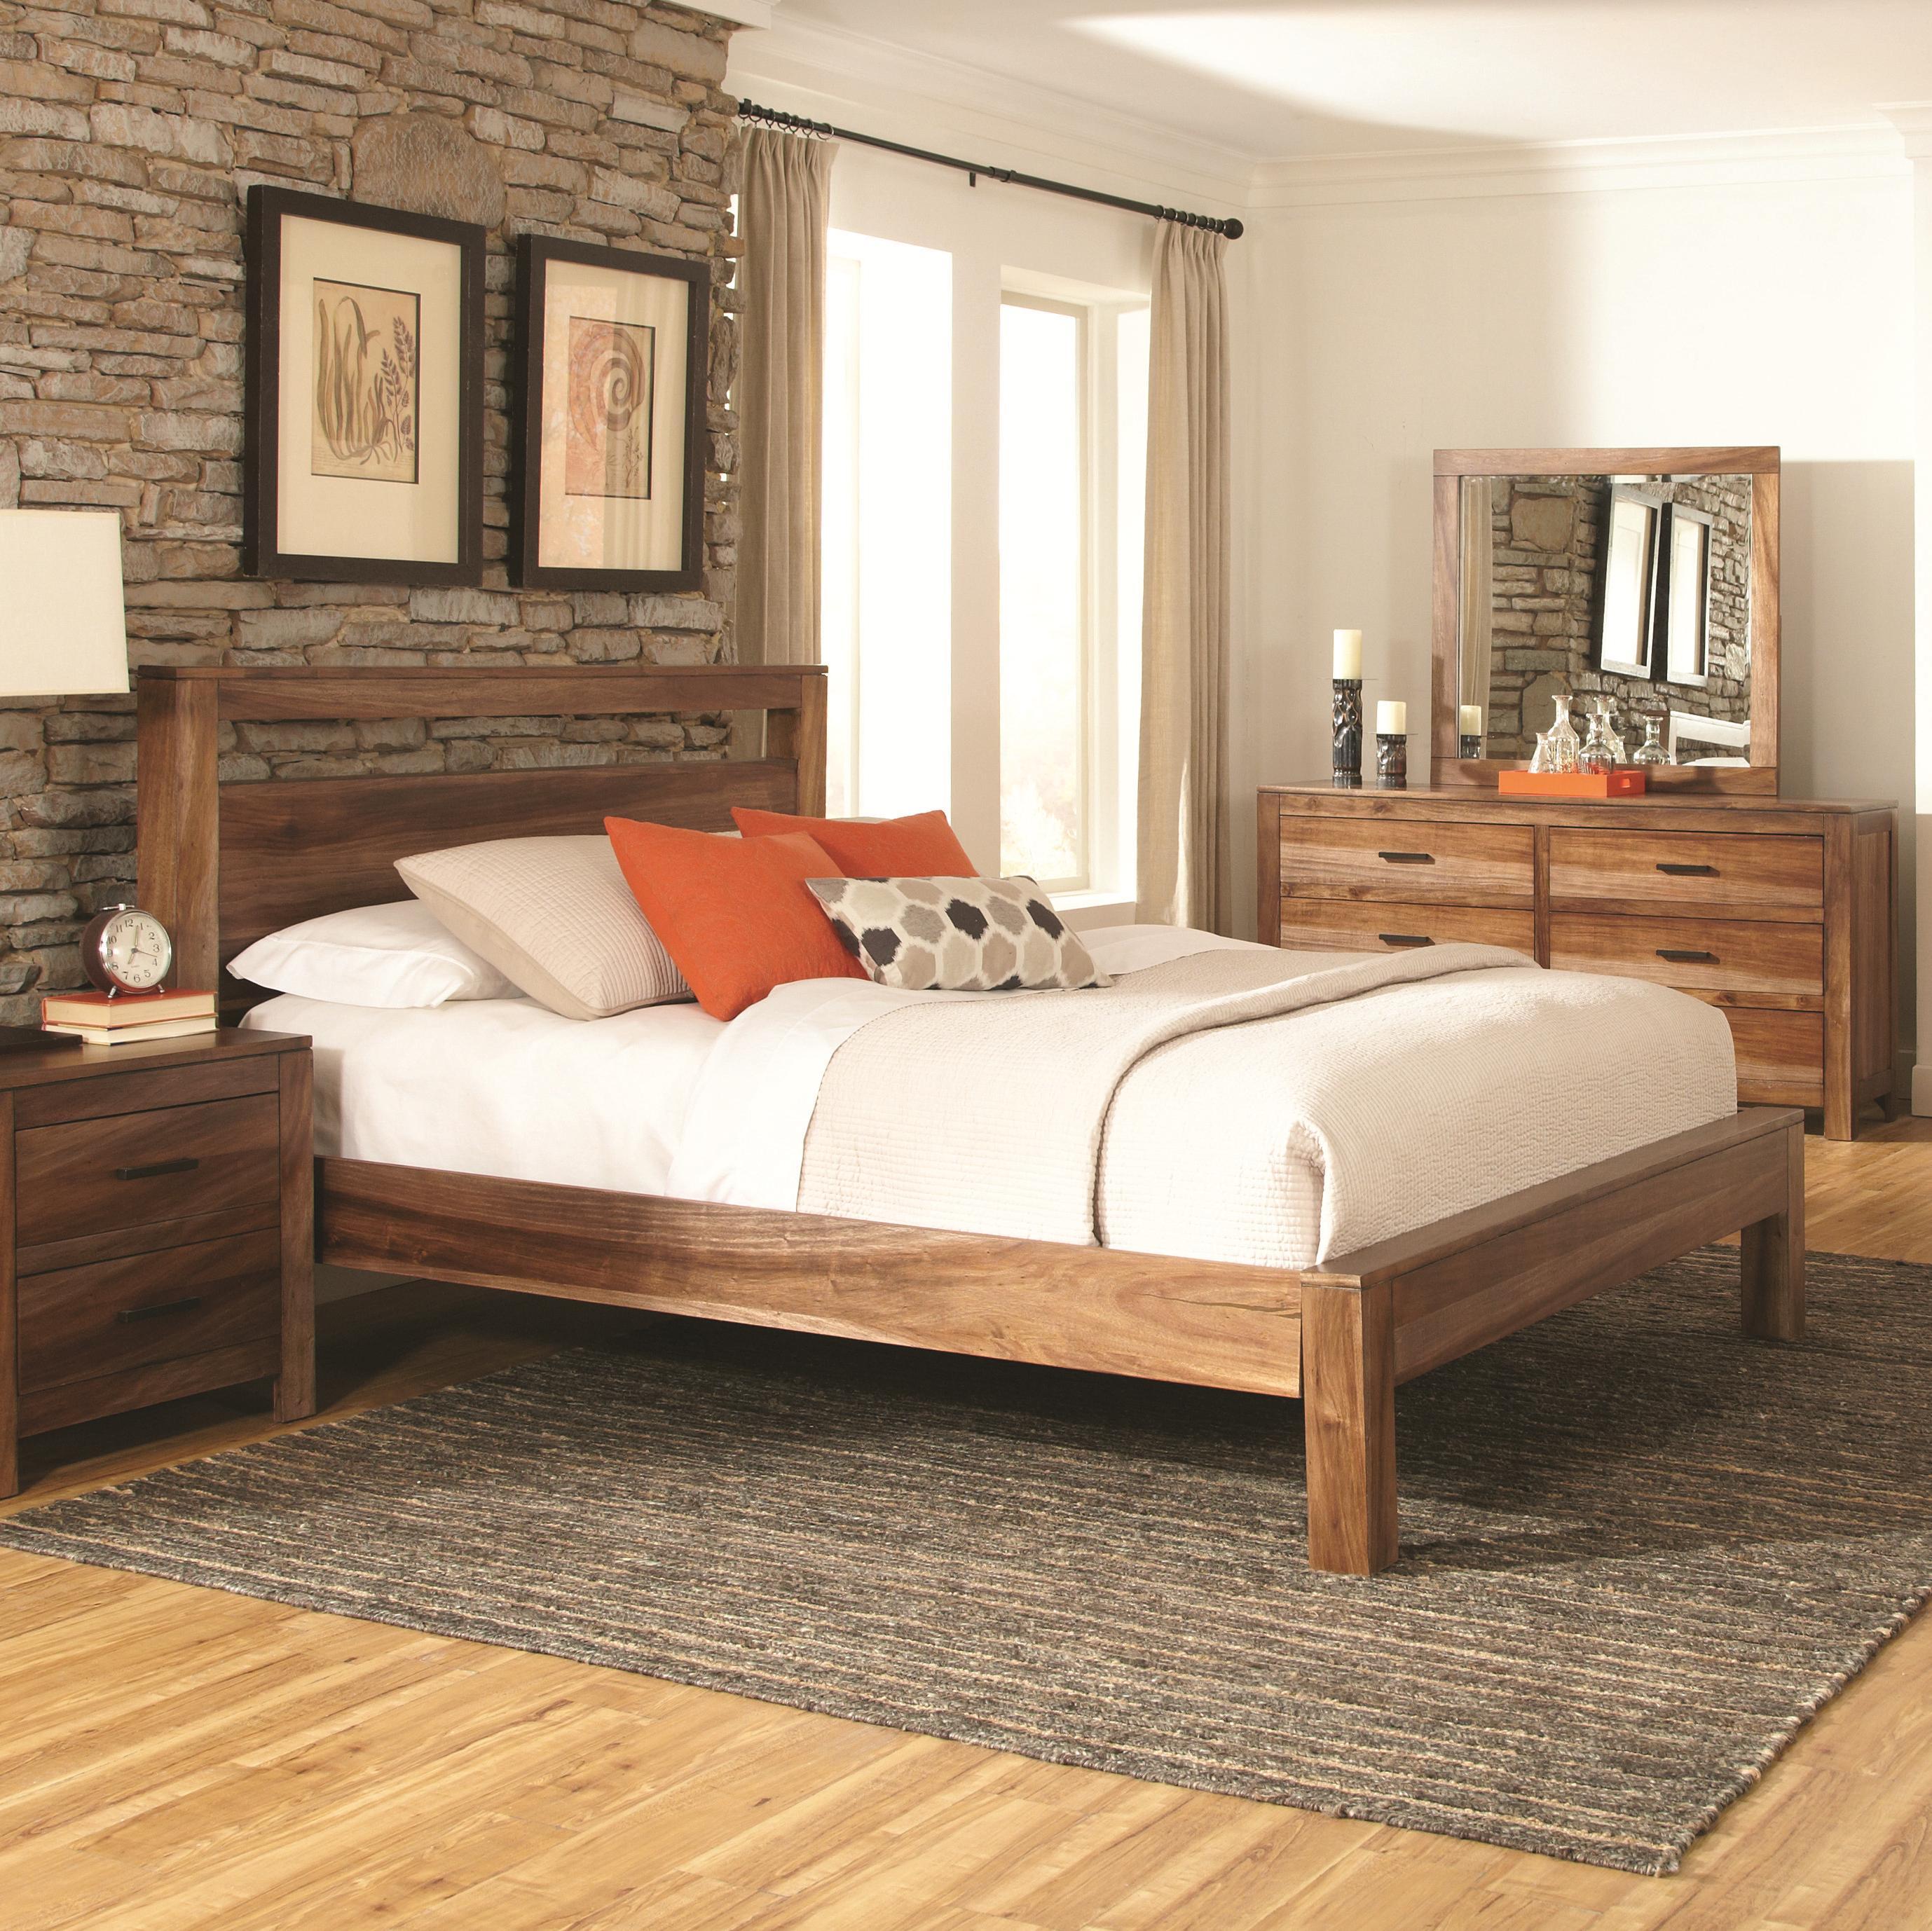 king platform bed del sol furniture platform beds low profile beds